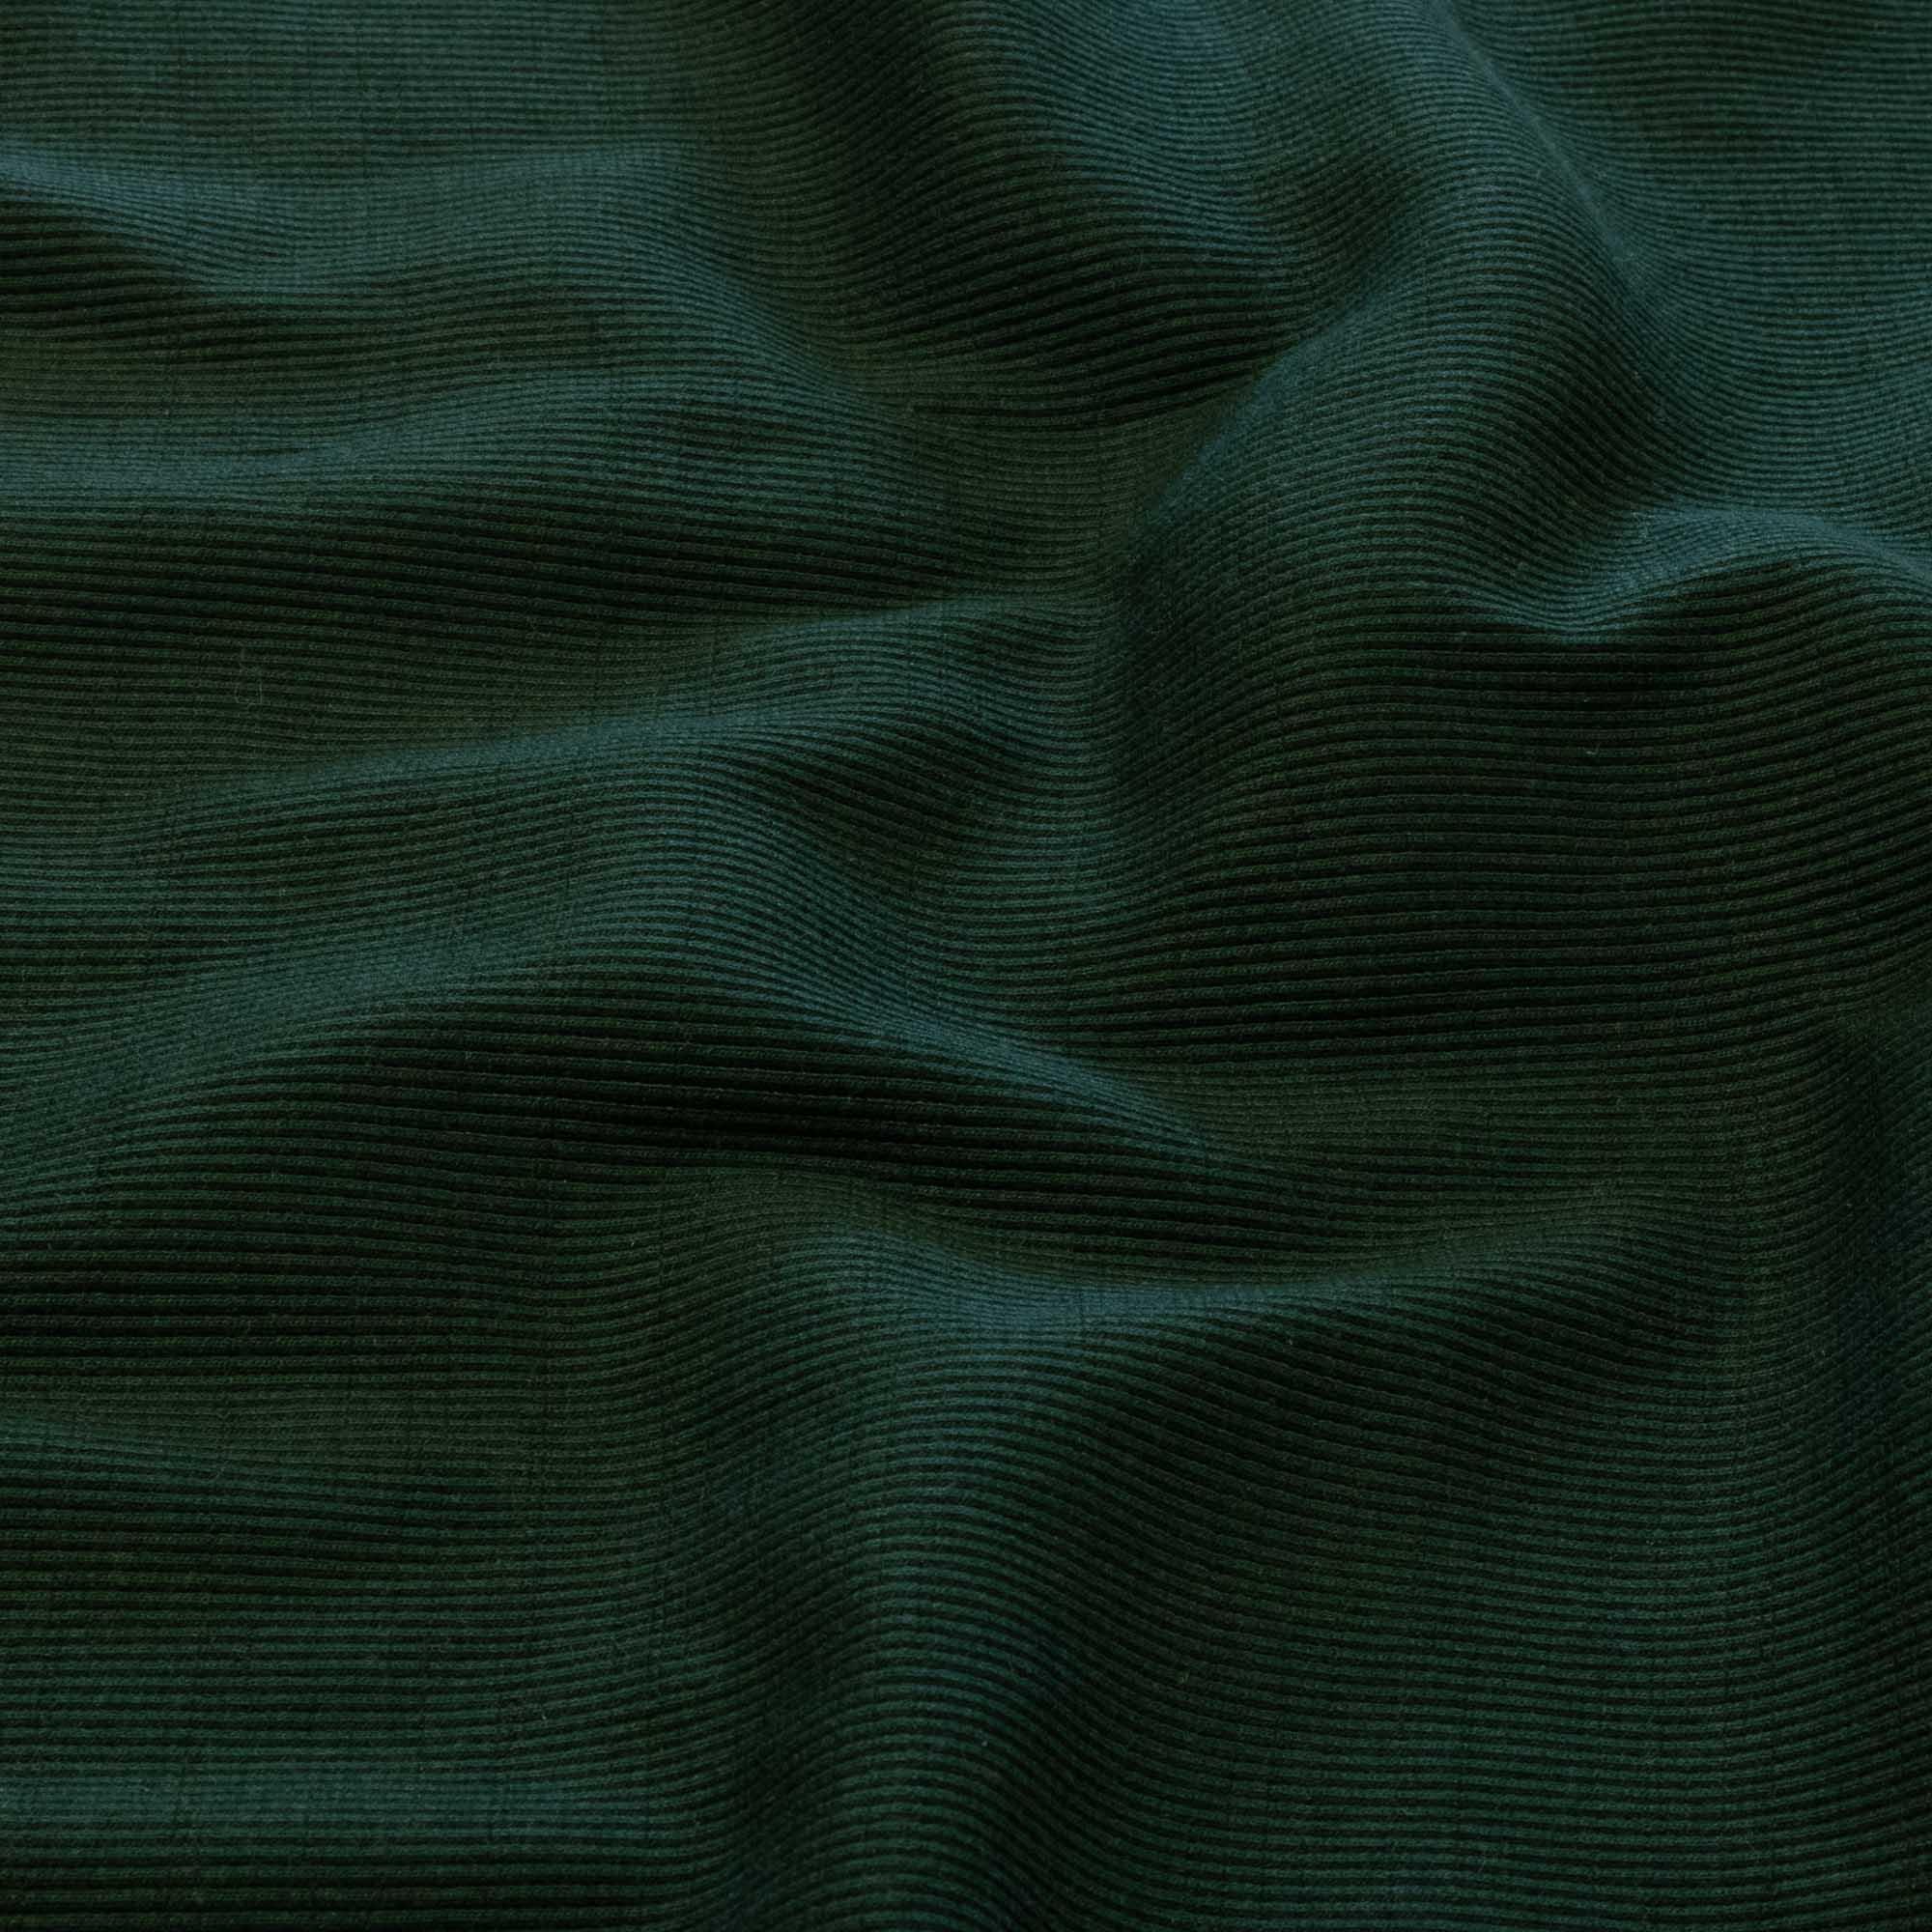 Tecido Punho Canelado 2:1 Verde Militar